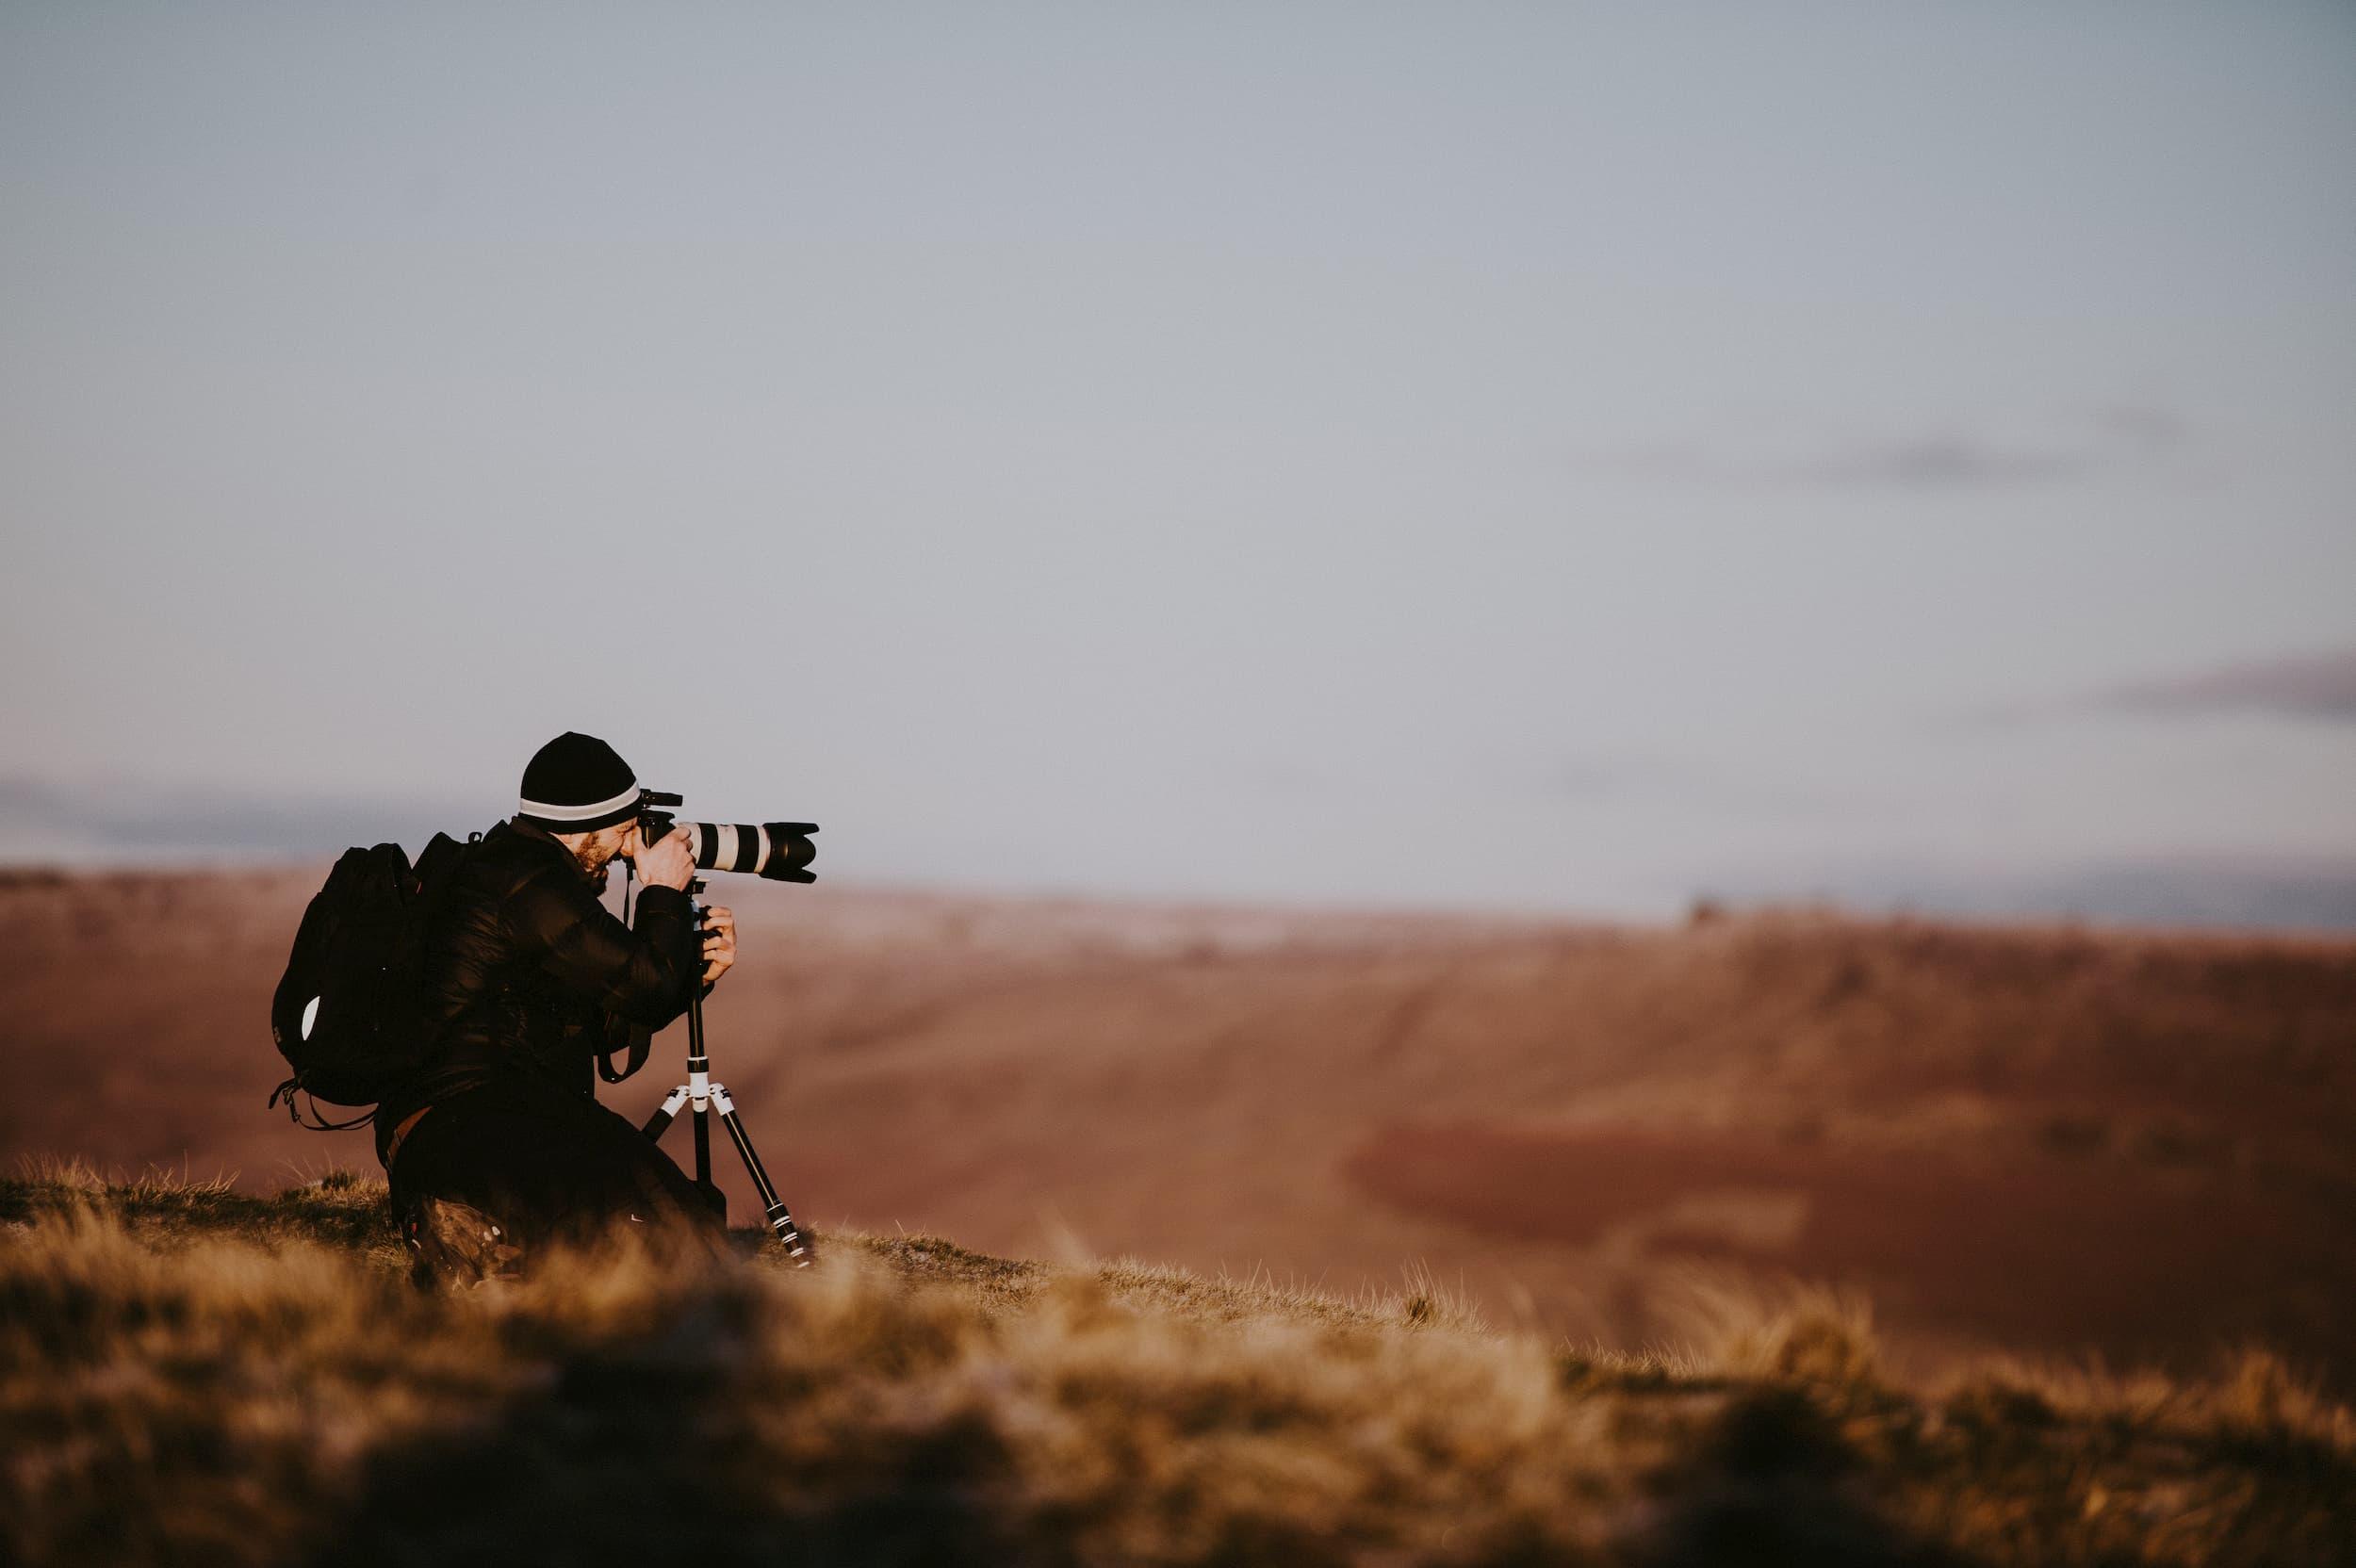 christelle saffroy photographe professionnel materiel photo achat